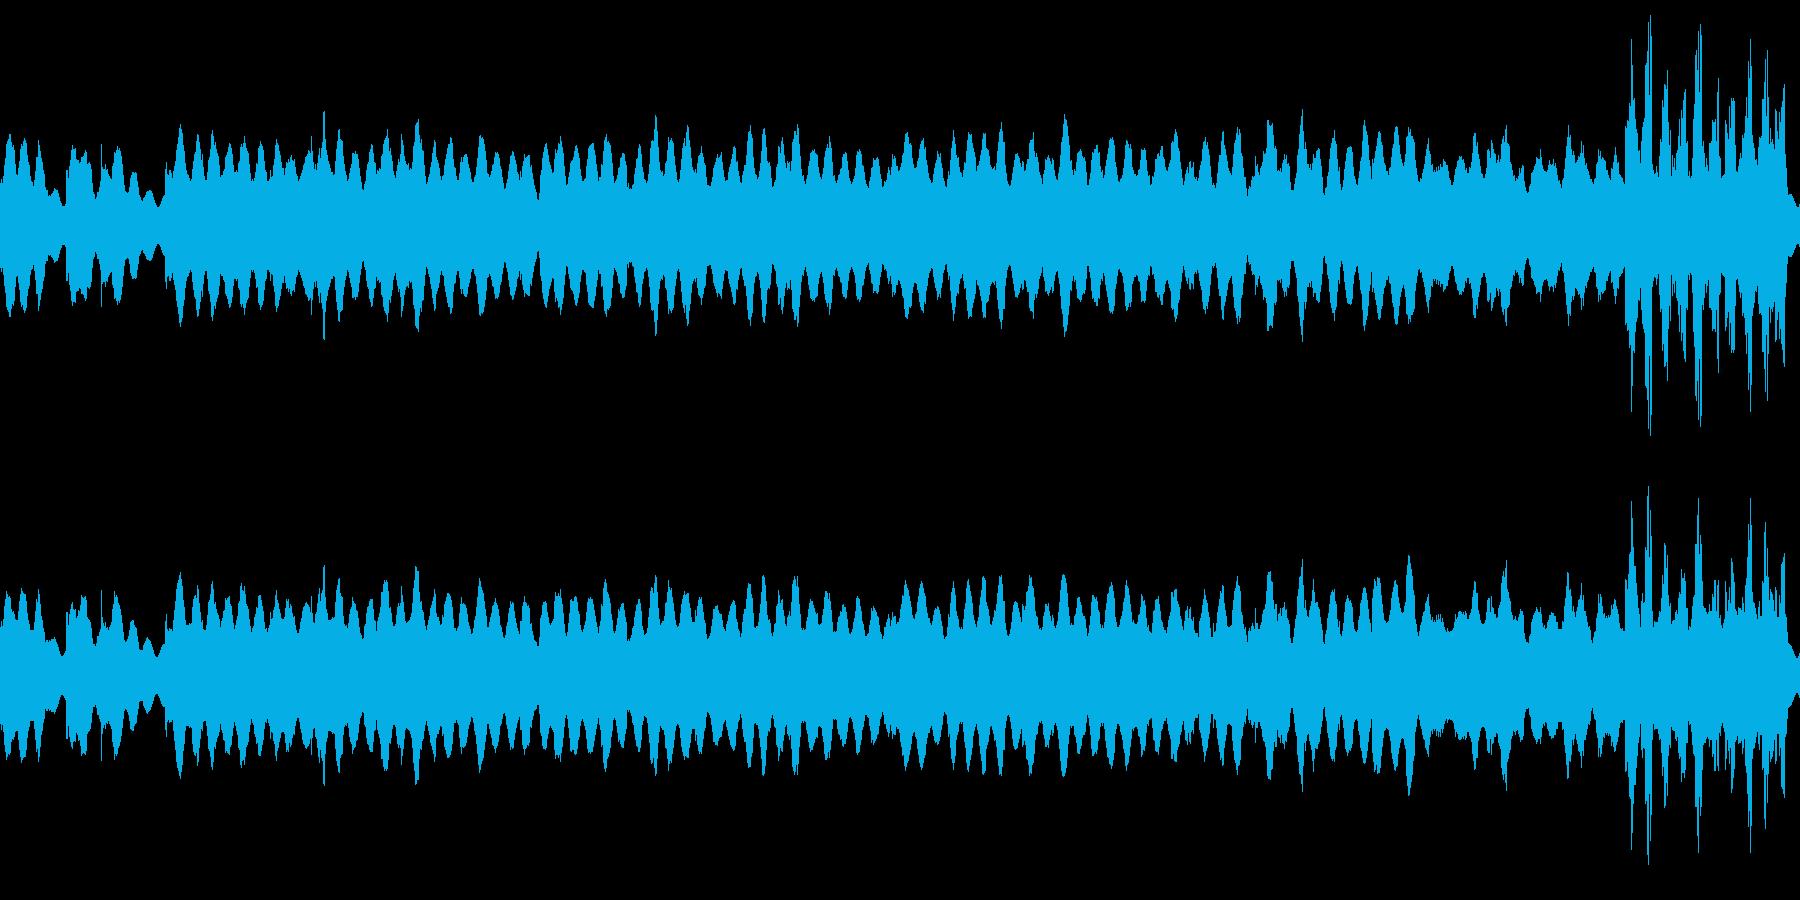 ホラーやダークなイメージですの再生済みの波形